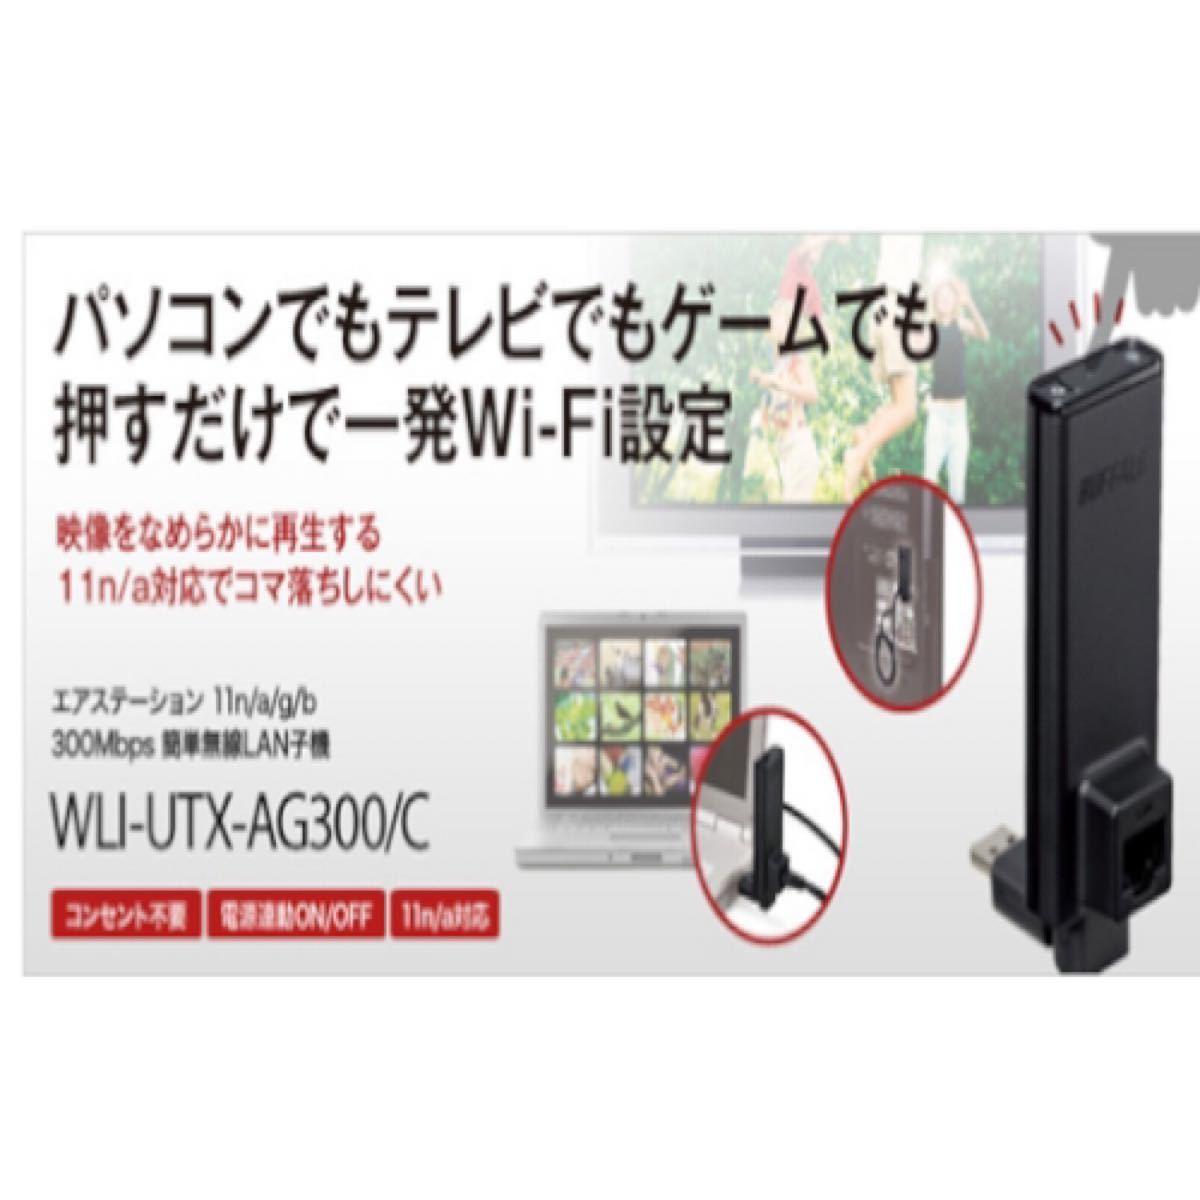 バッファロー 簡単無線LAN子機 WLI-UTX-AG300/C USB LAN アダプタ